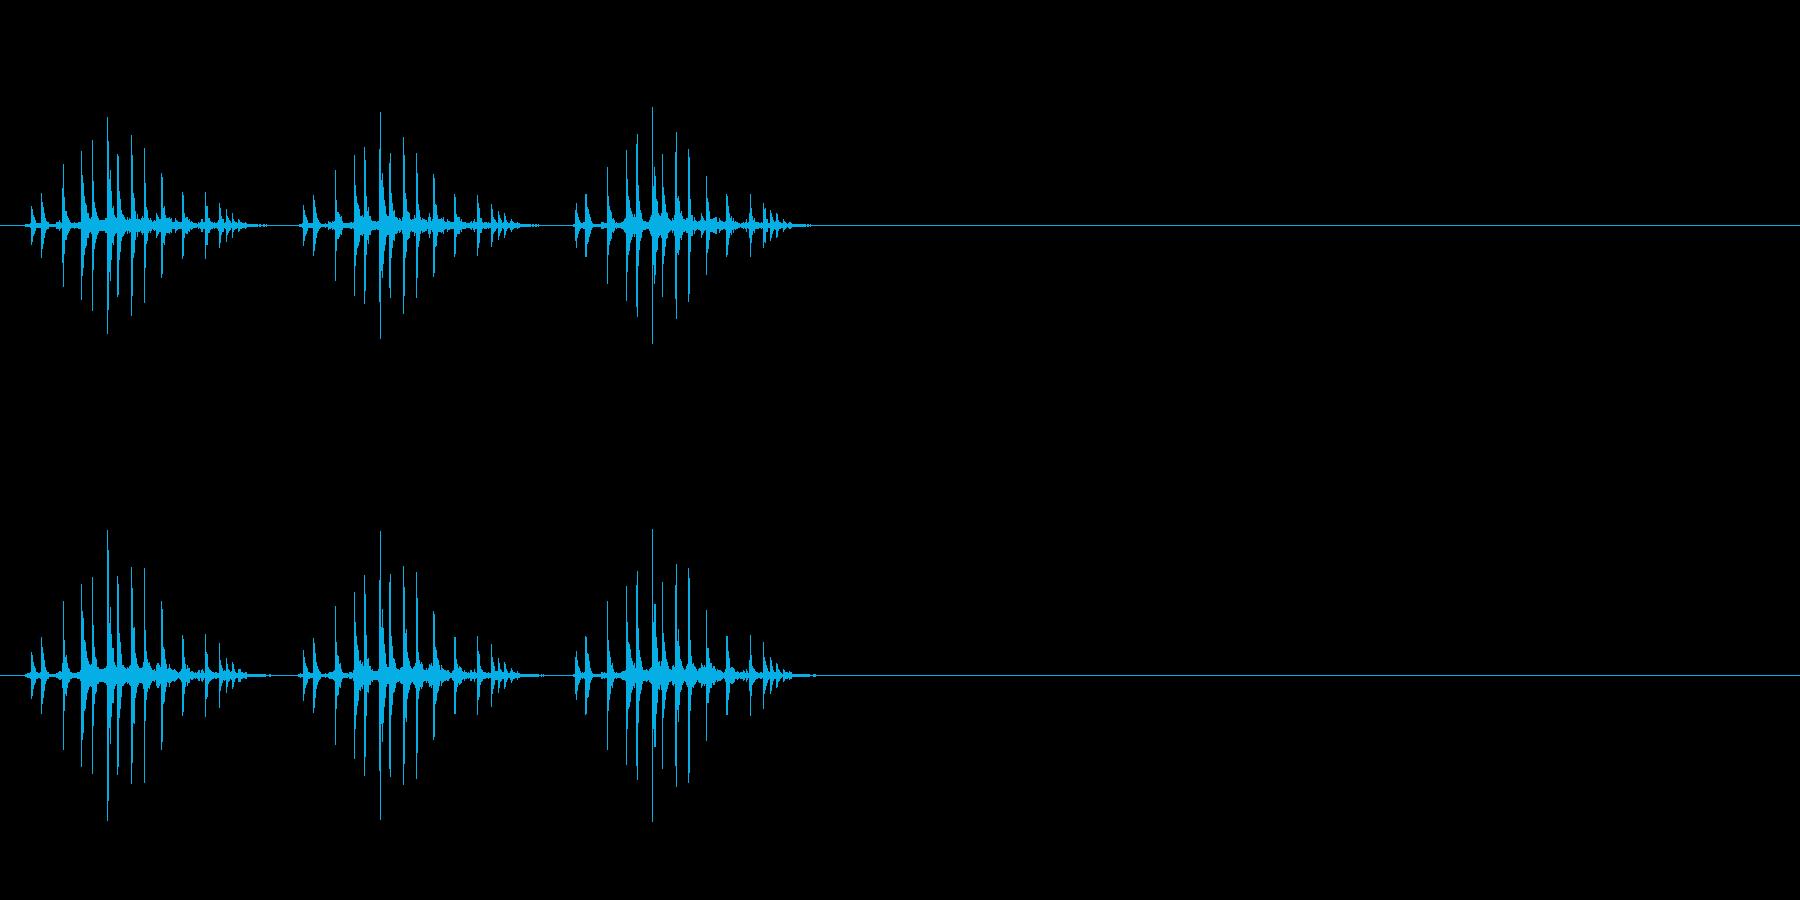 ギリギリギリ(釣り、リール巻き、早め)の再生済みの波形